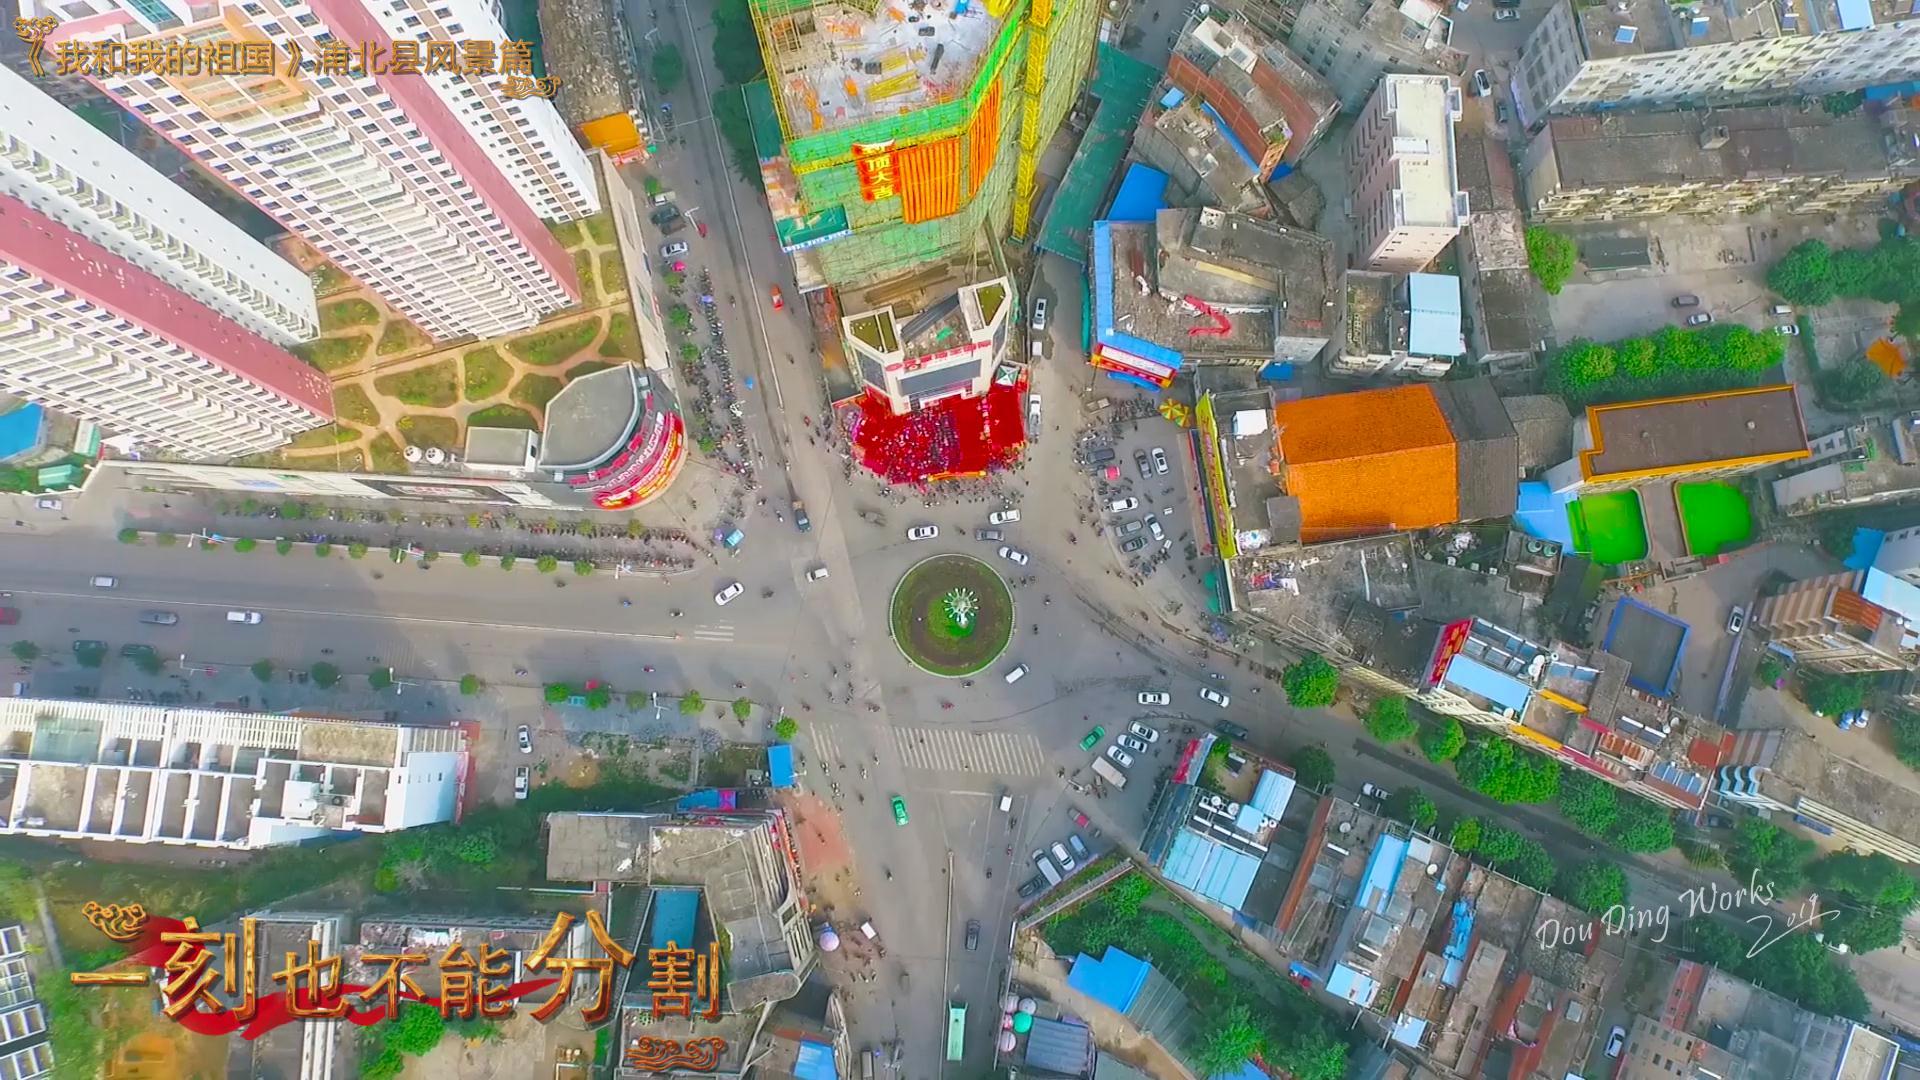 《我和我的祖国》浦北县风景篇5.jpg